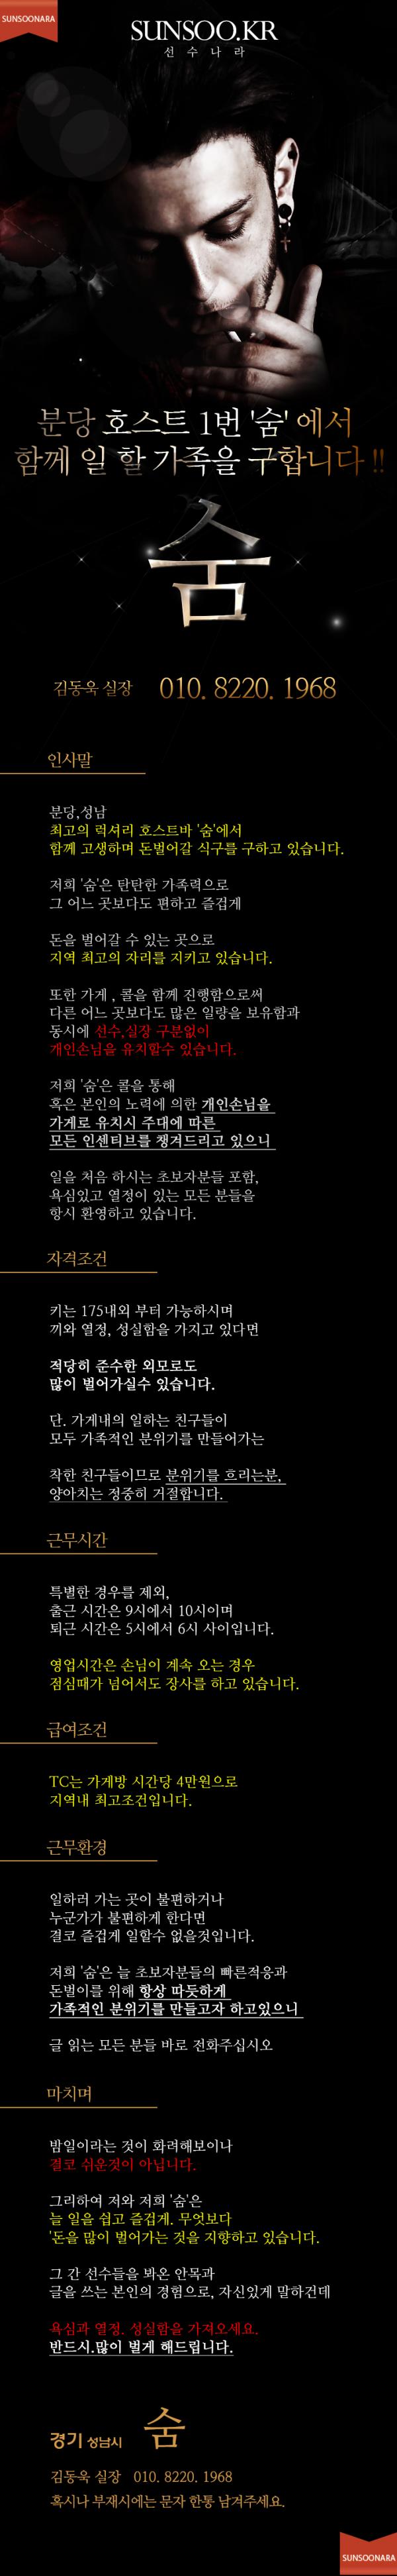 성남 숨.png